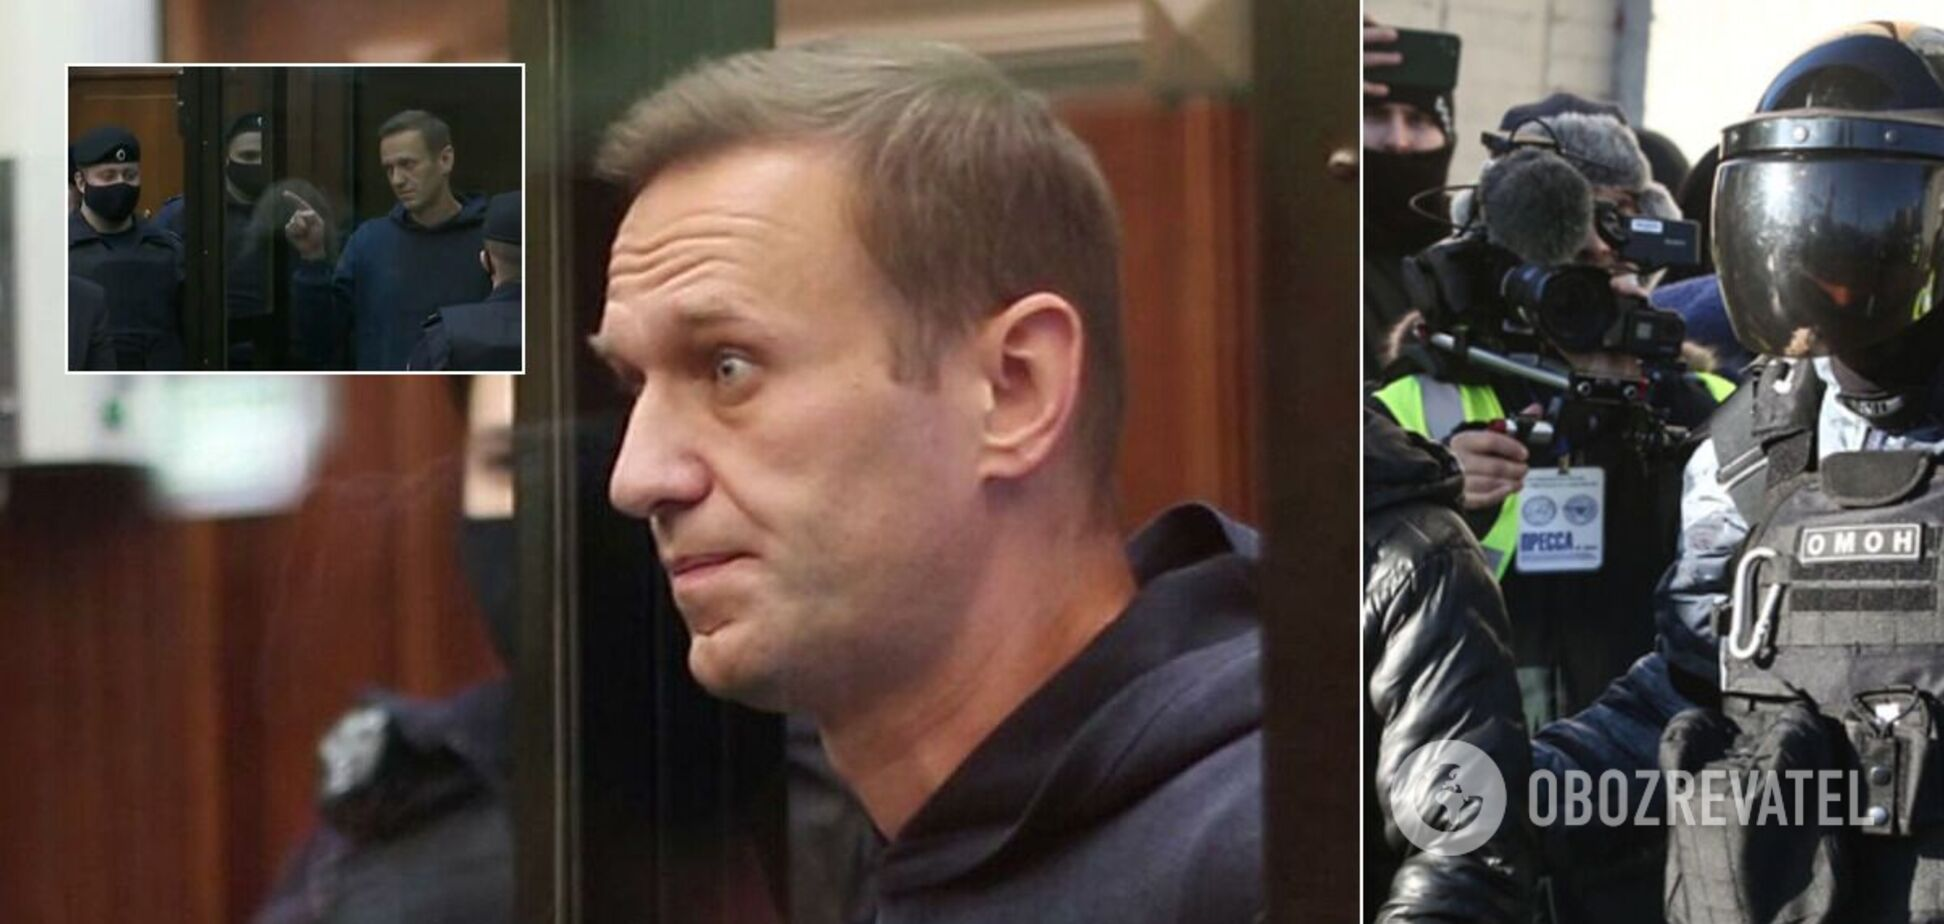 Суд приговорил Навального к 3,5 годам колонии: в России прошли массовые протесты и жесткие задержания